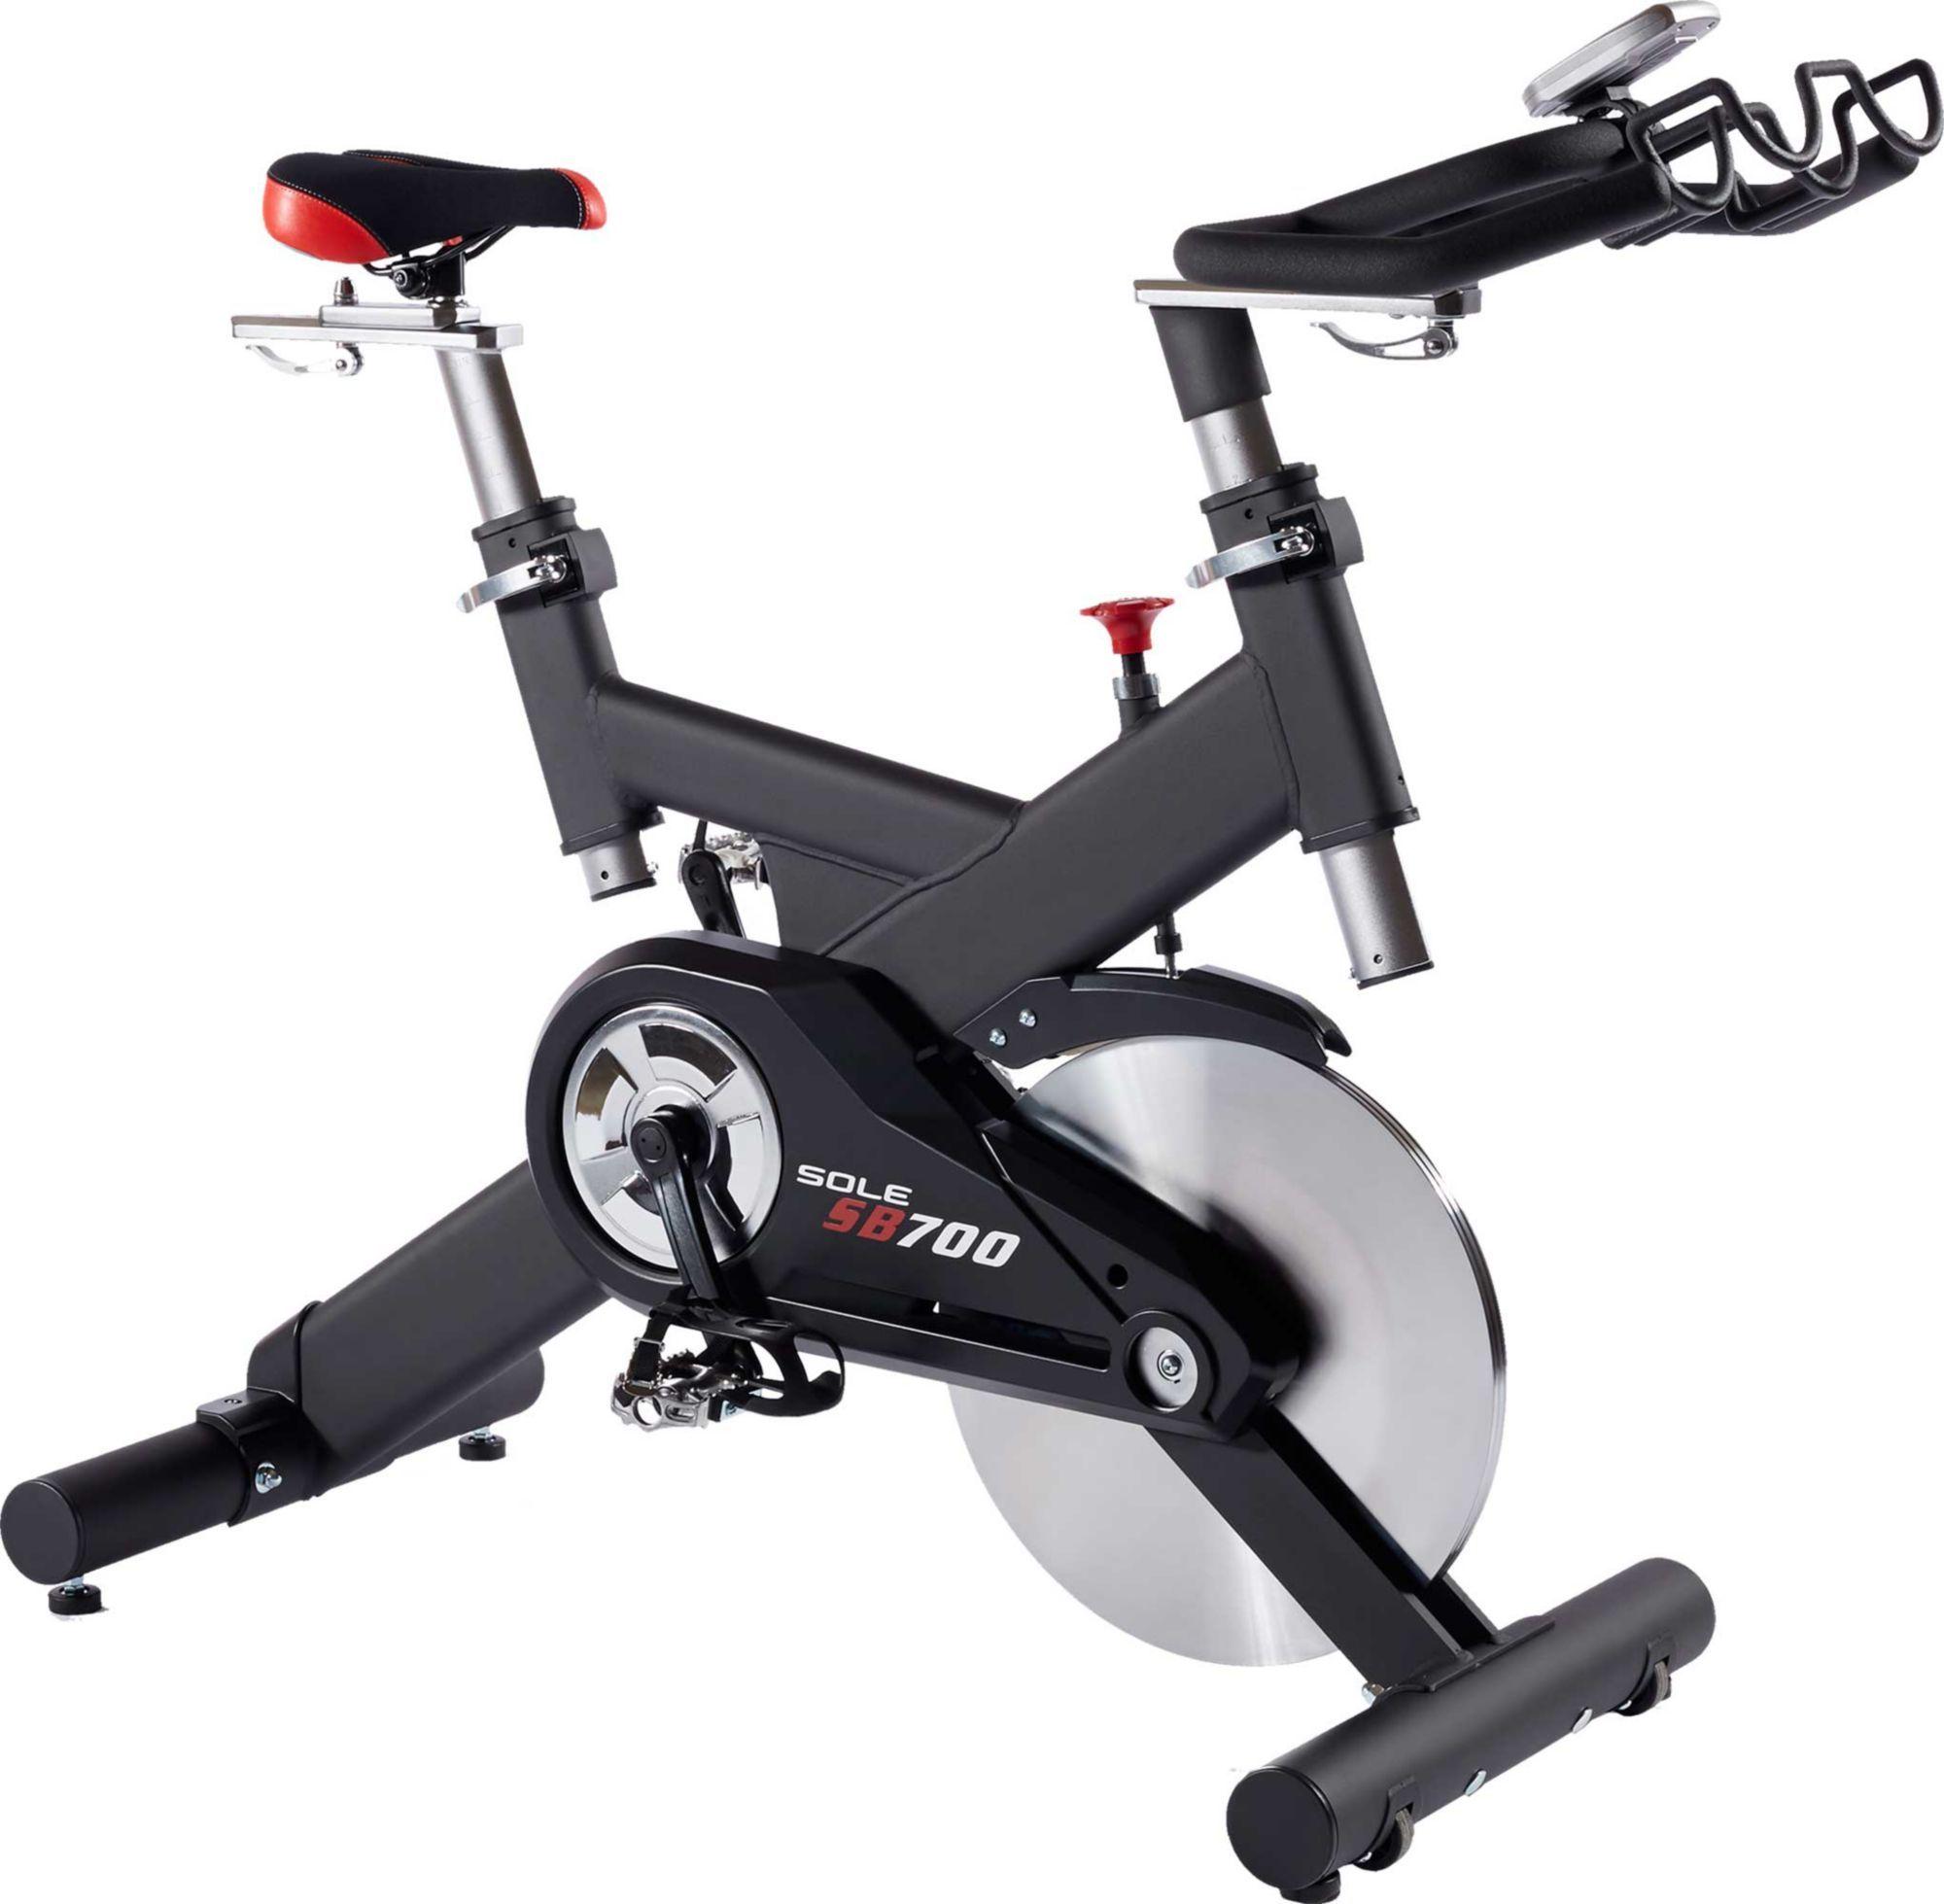 Sole Sb700 Indoor Cycle Grey Recumbent Bike Workout Exercise